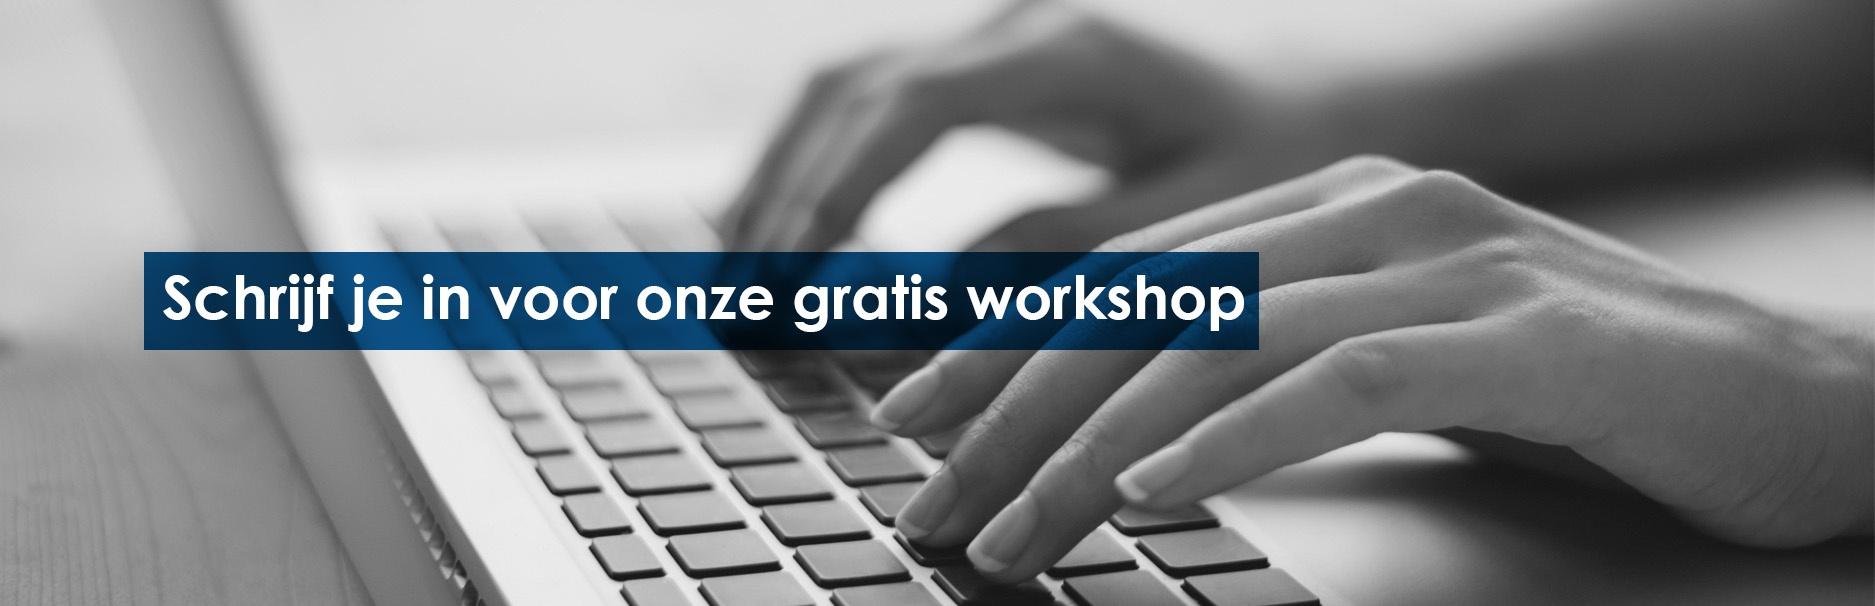 Gratis workshop banner.jpg